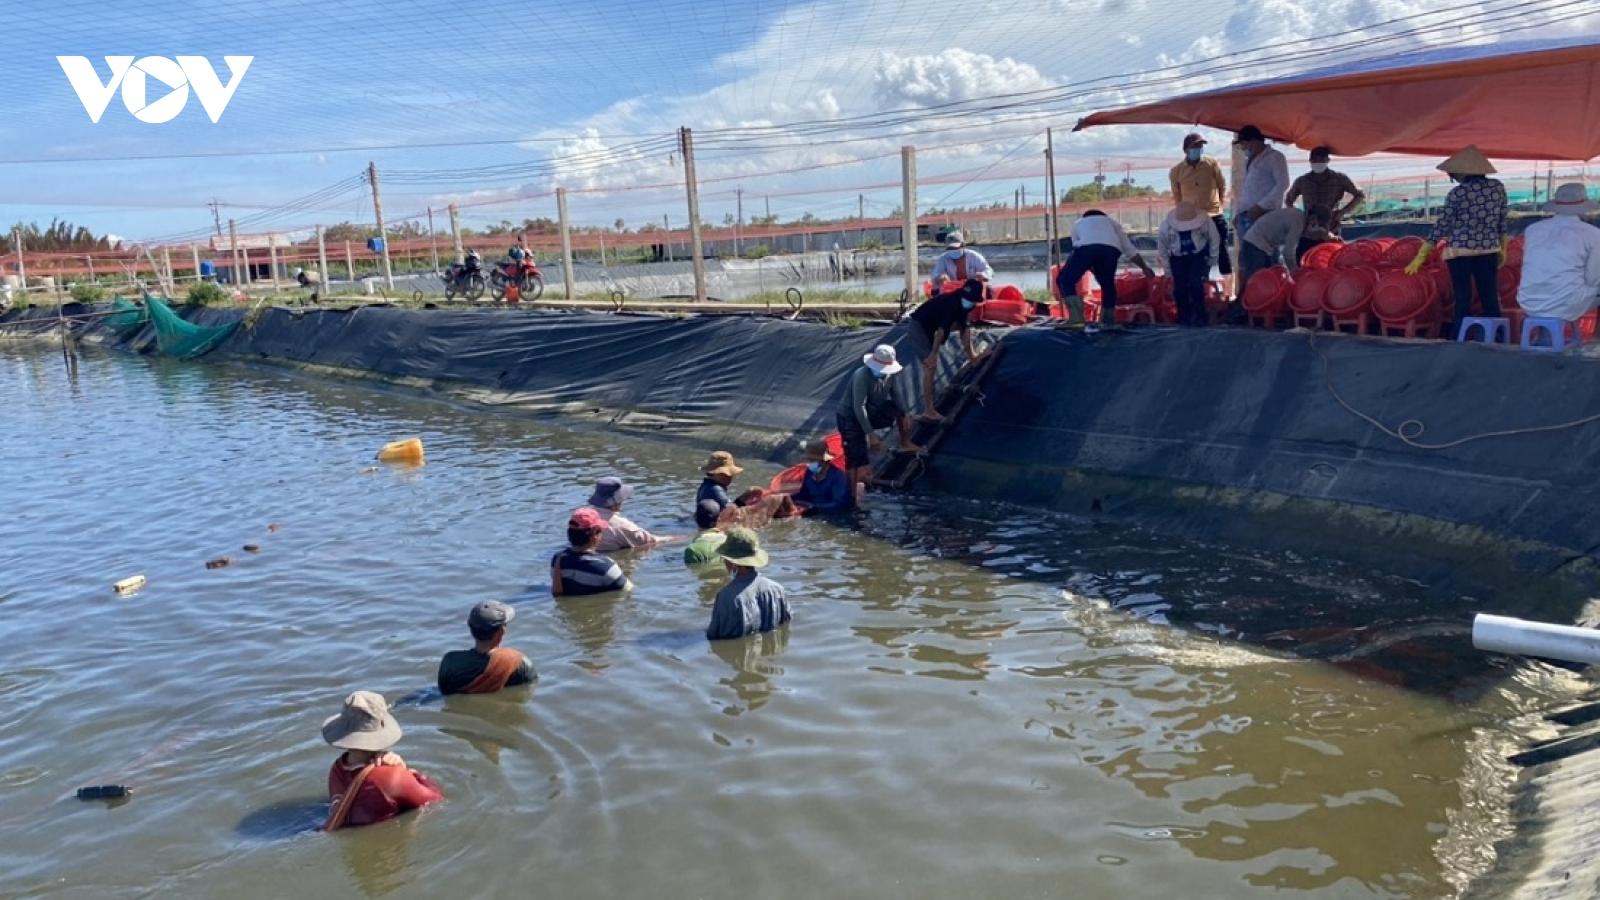 """Lo ngại dịch Covid-19 bùng phát, ngư dân Tiền Giang thu hoạch tôm ồ ạt, """"cung vượt cầu"""""""